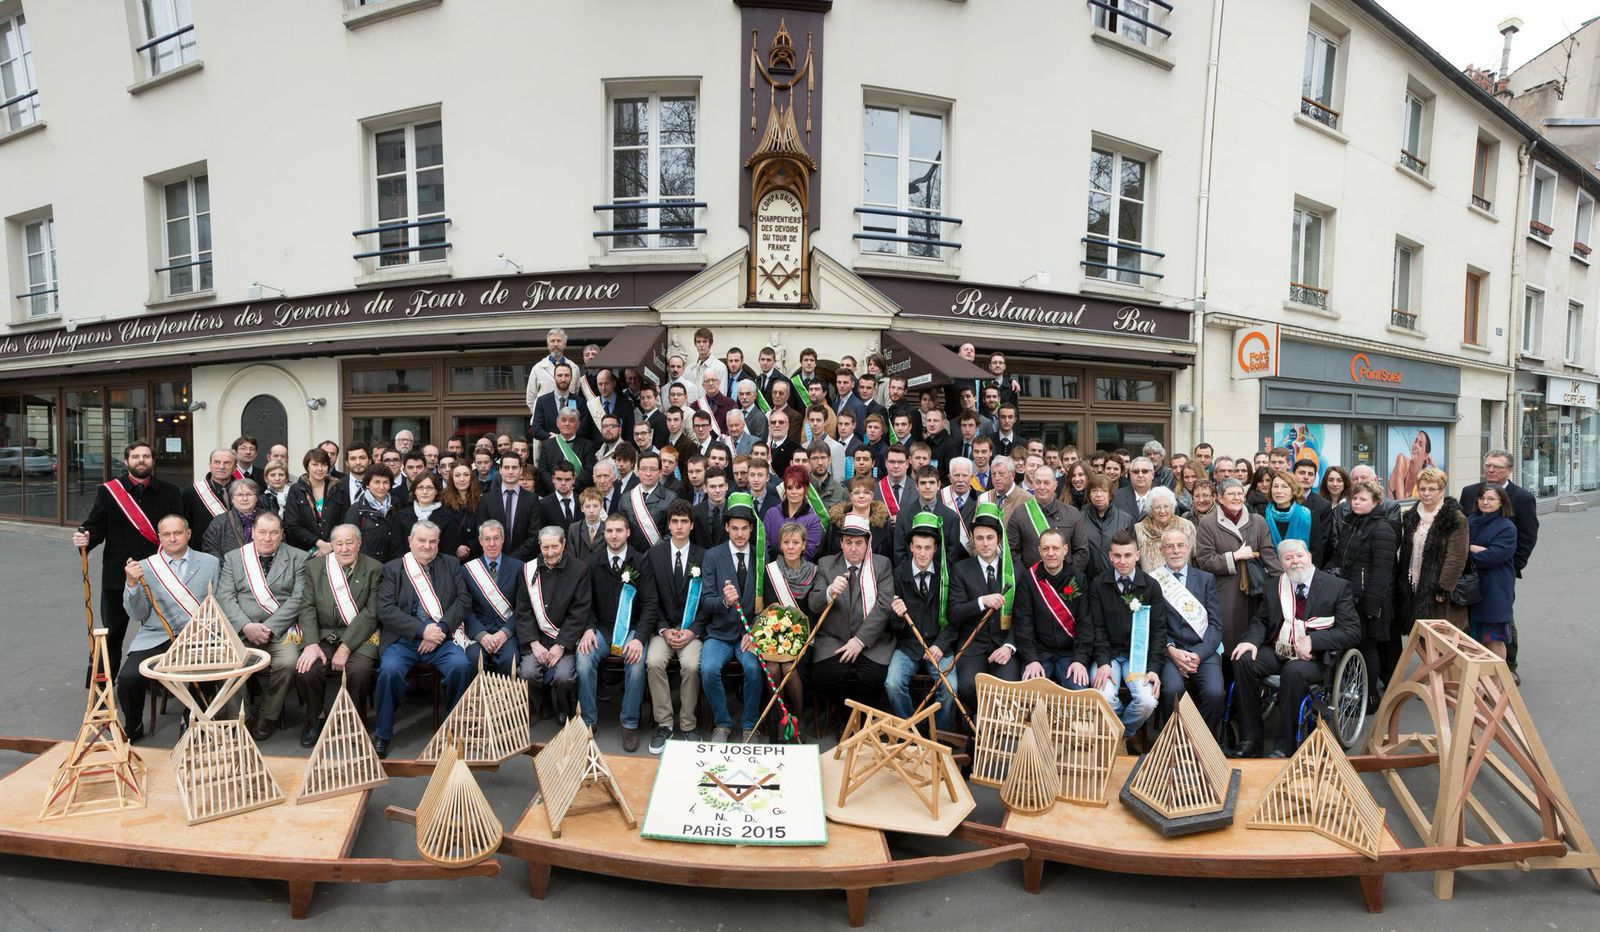 Compagnons boulangers patissiers for Les compagnons des jardins